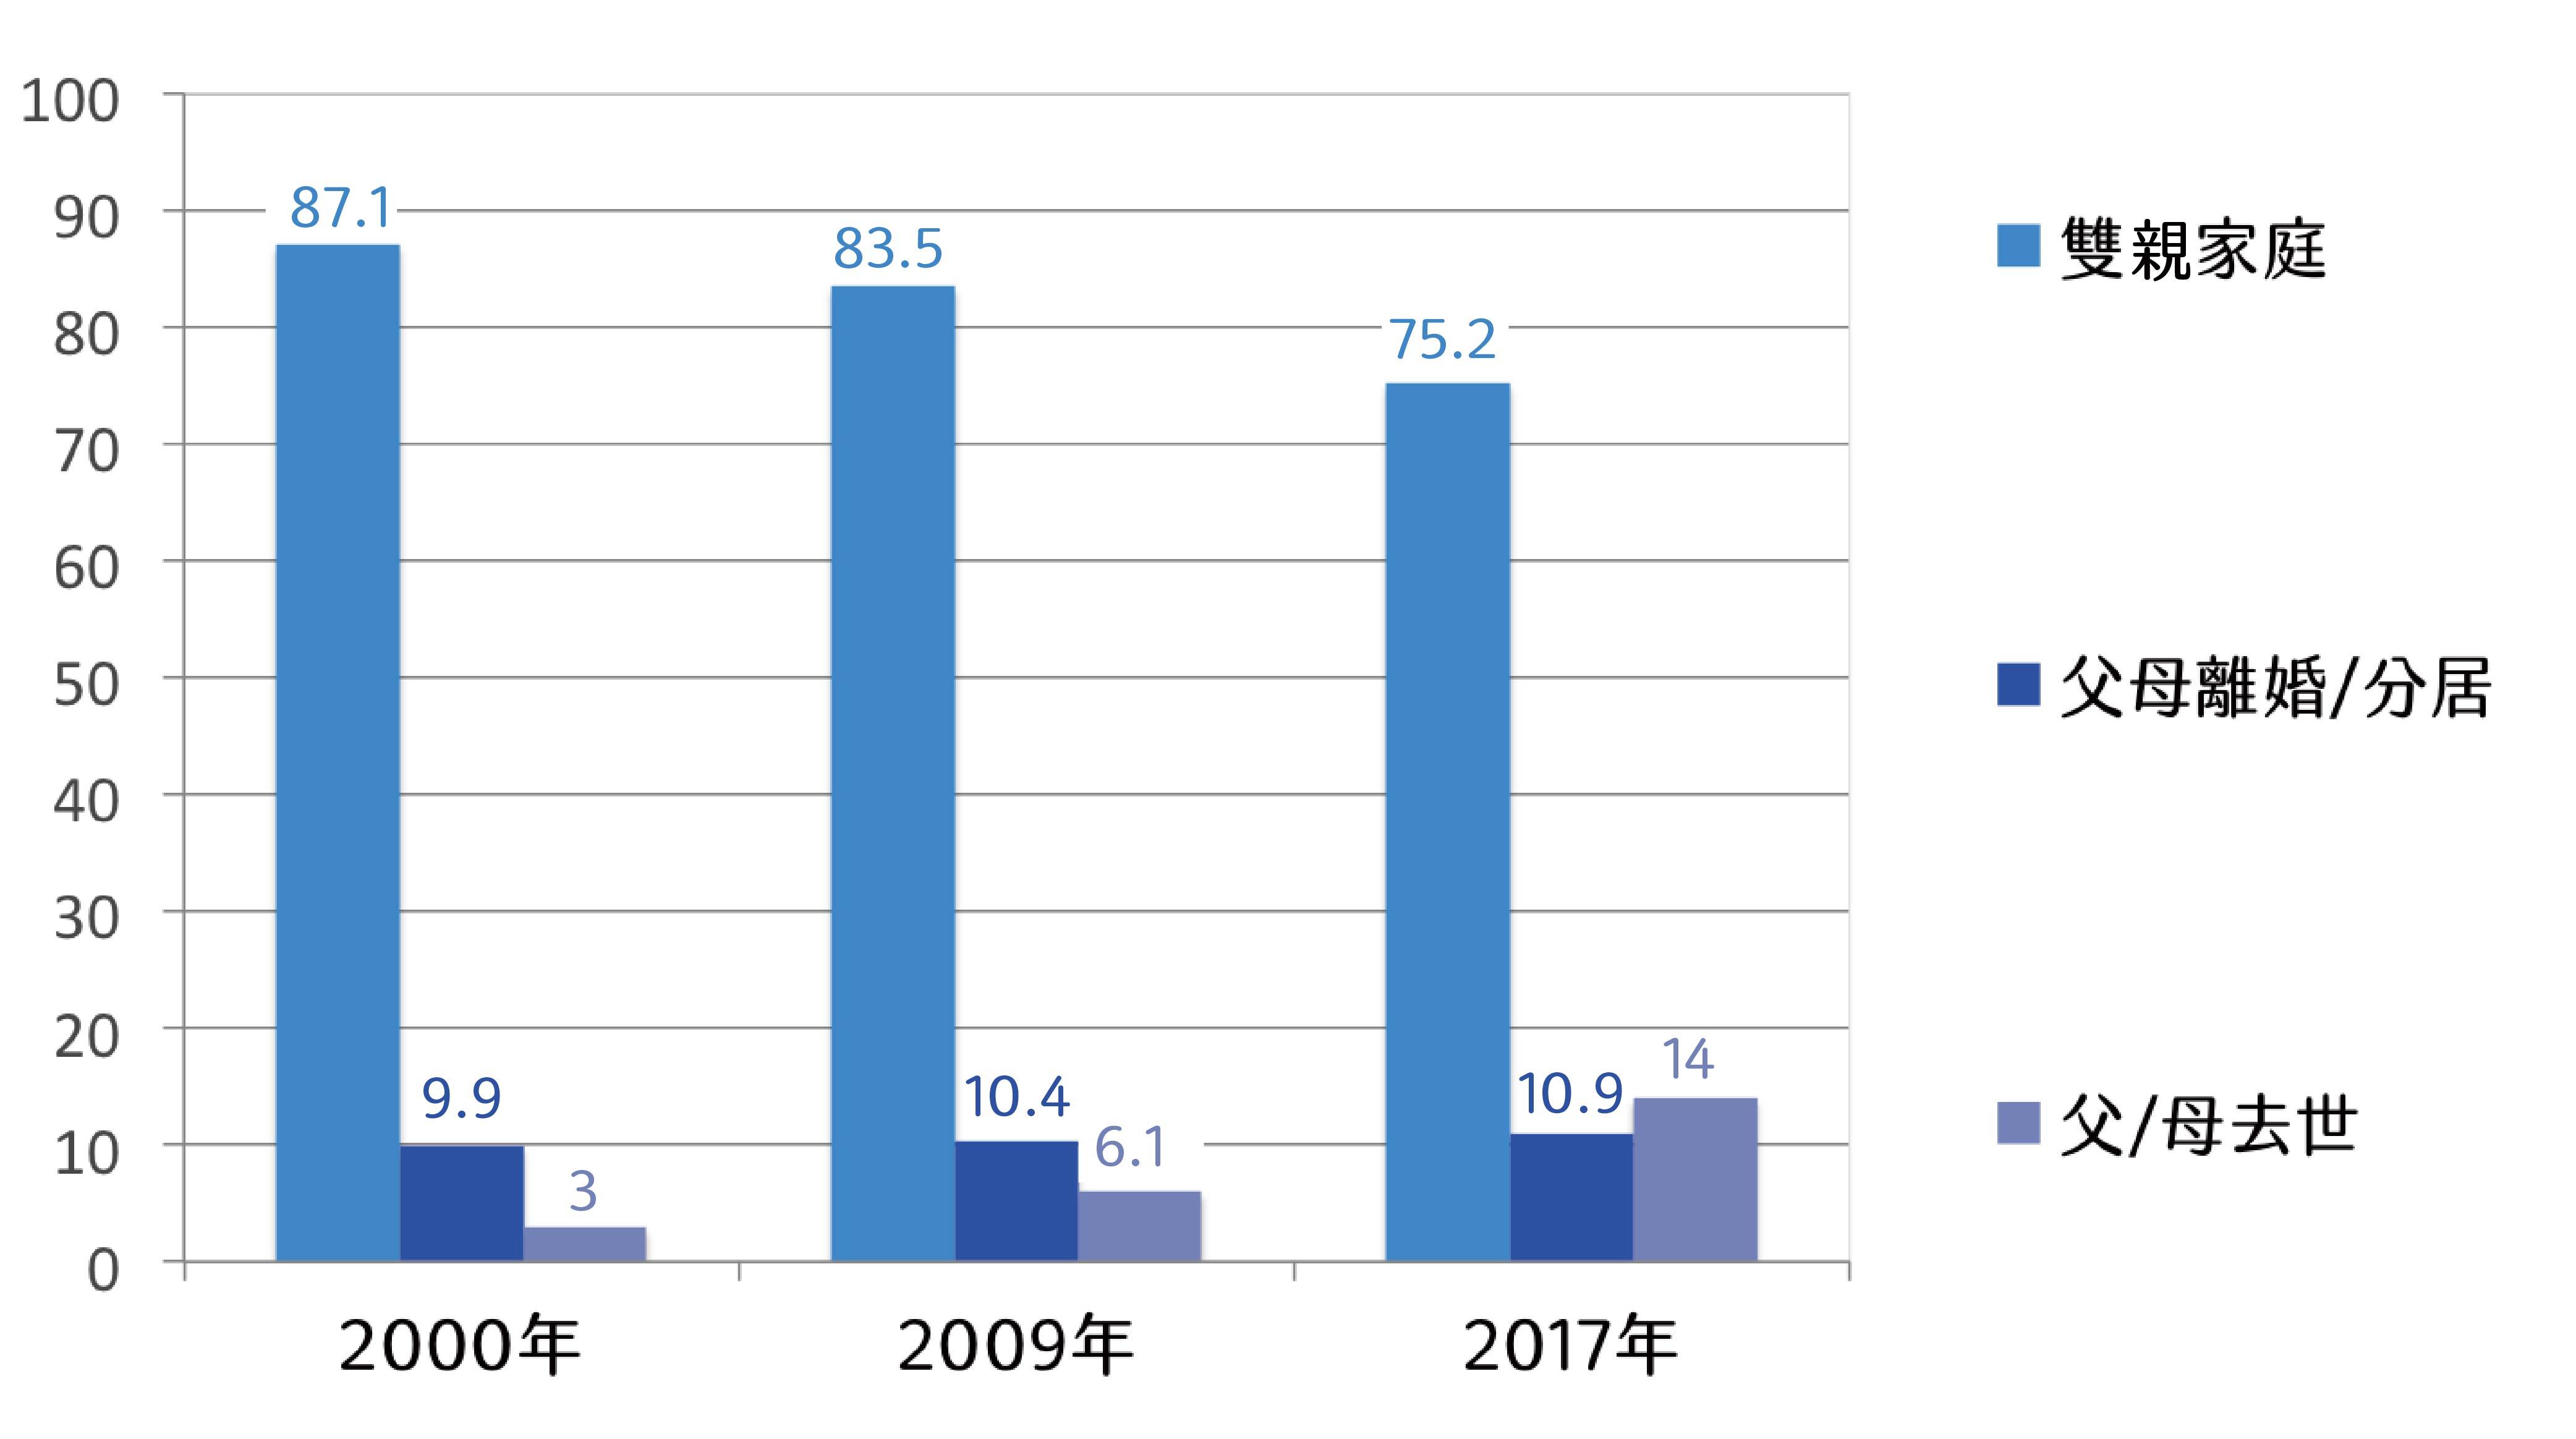 2000-2017 年家庭結構(樣本平均 13 歲、22 歲、31 歲)圖│研之有物(資料來源│伊慶春)